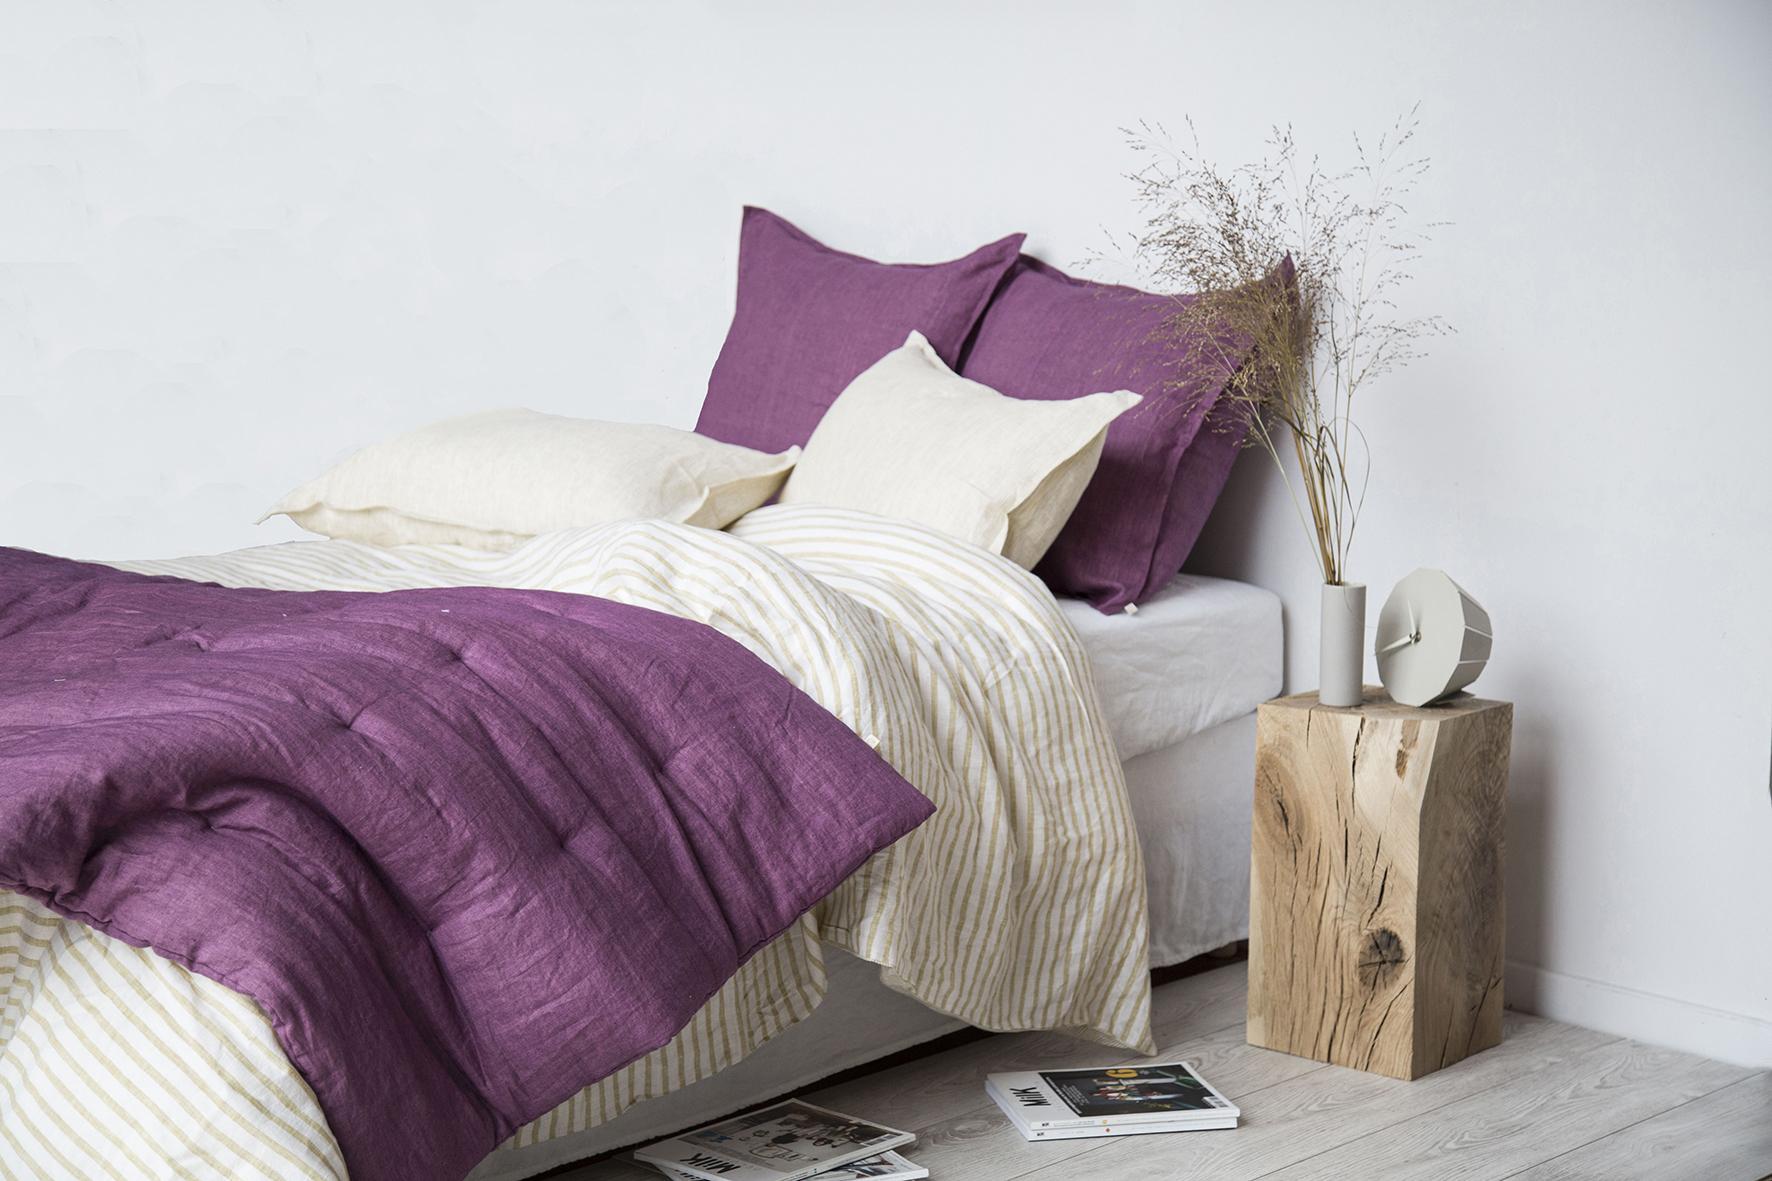 placement du lit pour bien dormir best feng shui orientation du lit pour dormir charmant. Black Bedroom Furniture Sets. Home Design Ideas